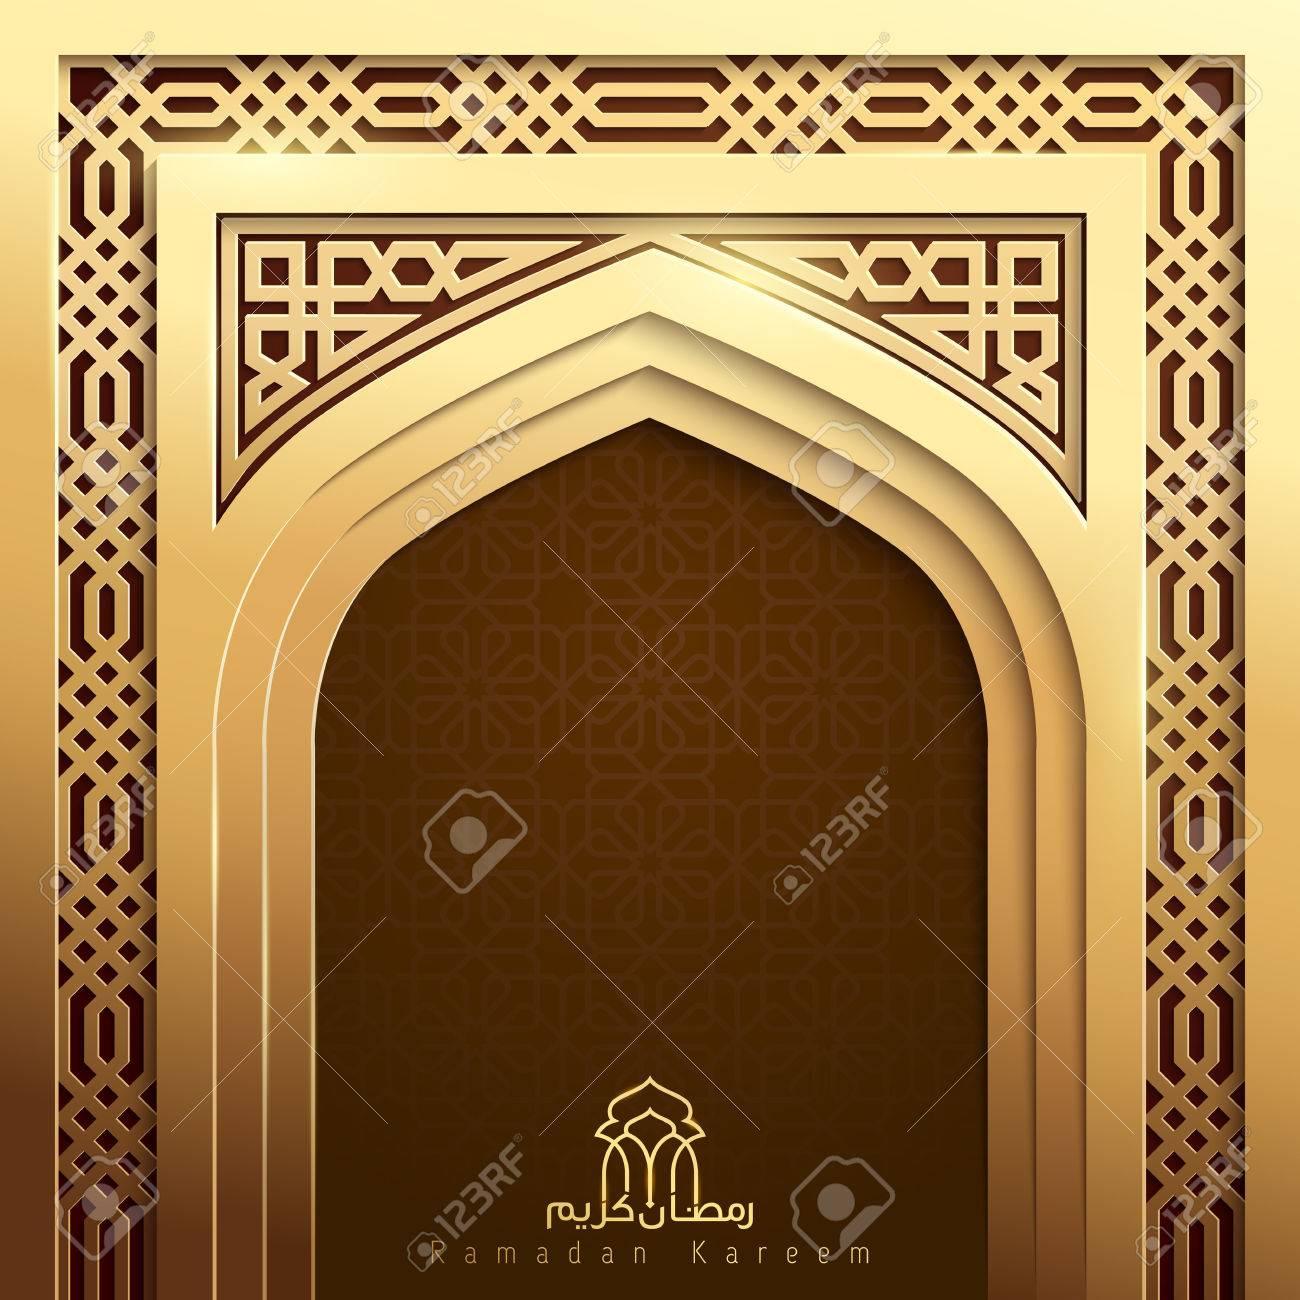 Ramadan Kareem background mosque door gold vector banner design Stock Vector - 56890794  sc 1 st  123RF.com & Ramadan Kareem Background Mosque Door Gold Vector Banner Design ...